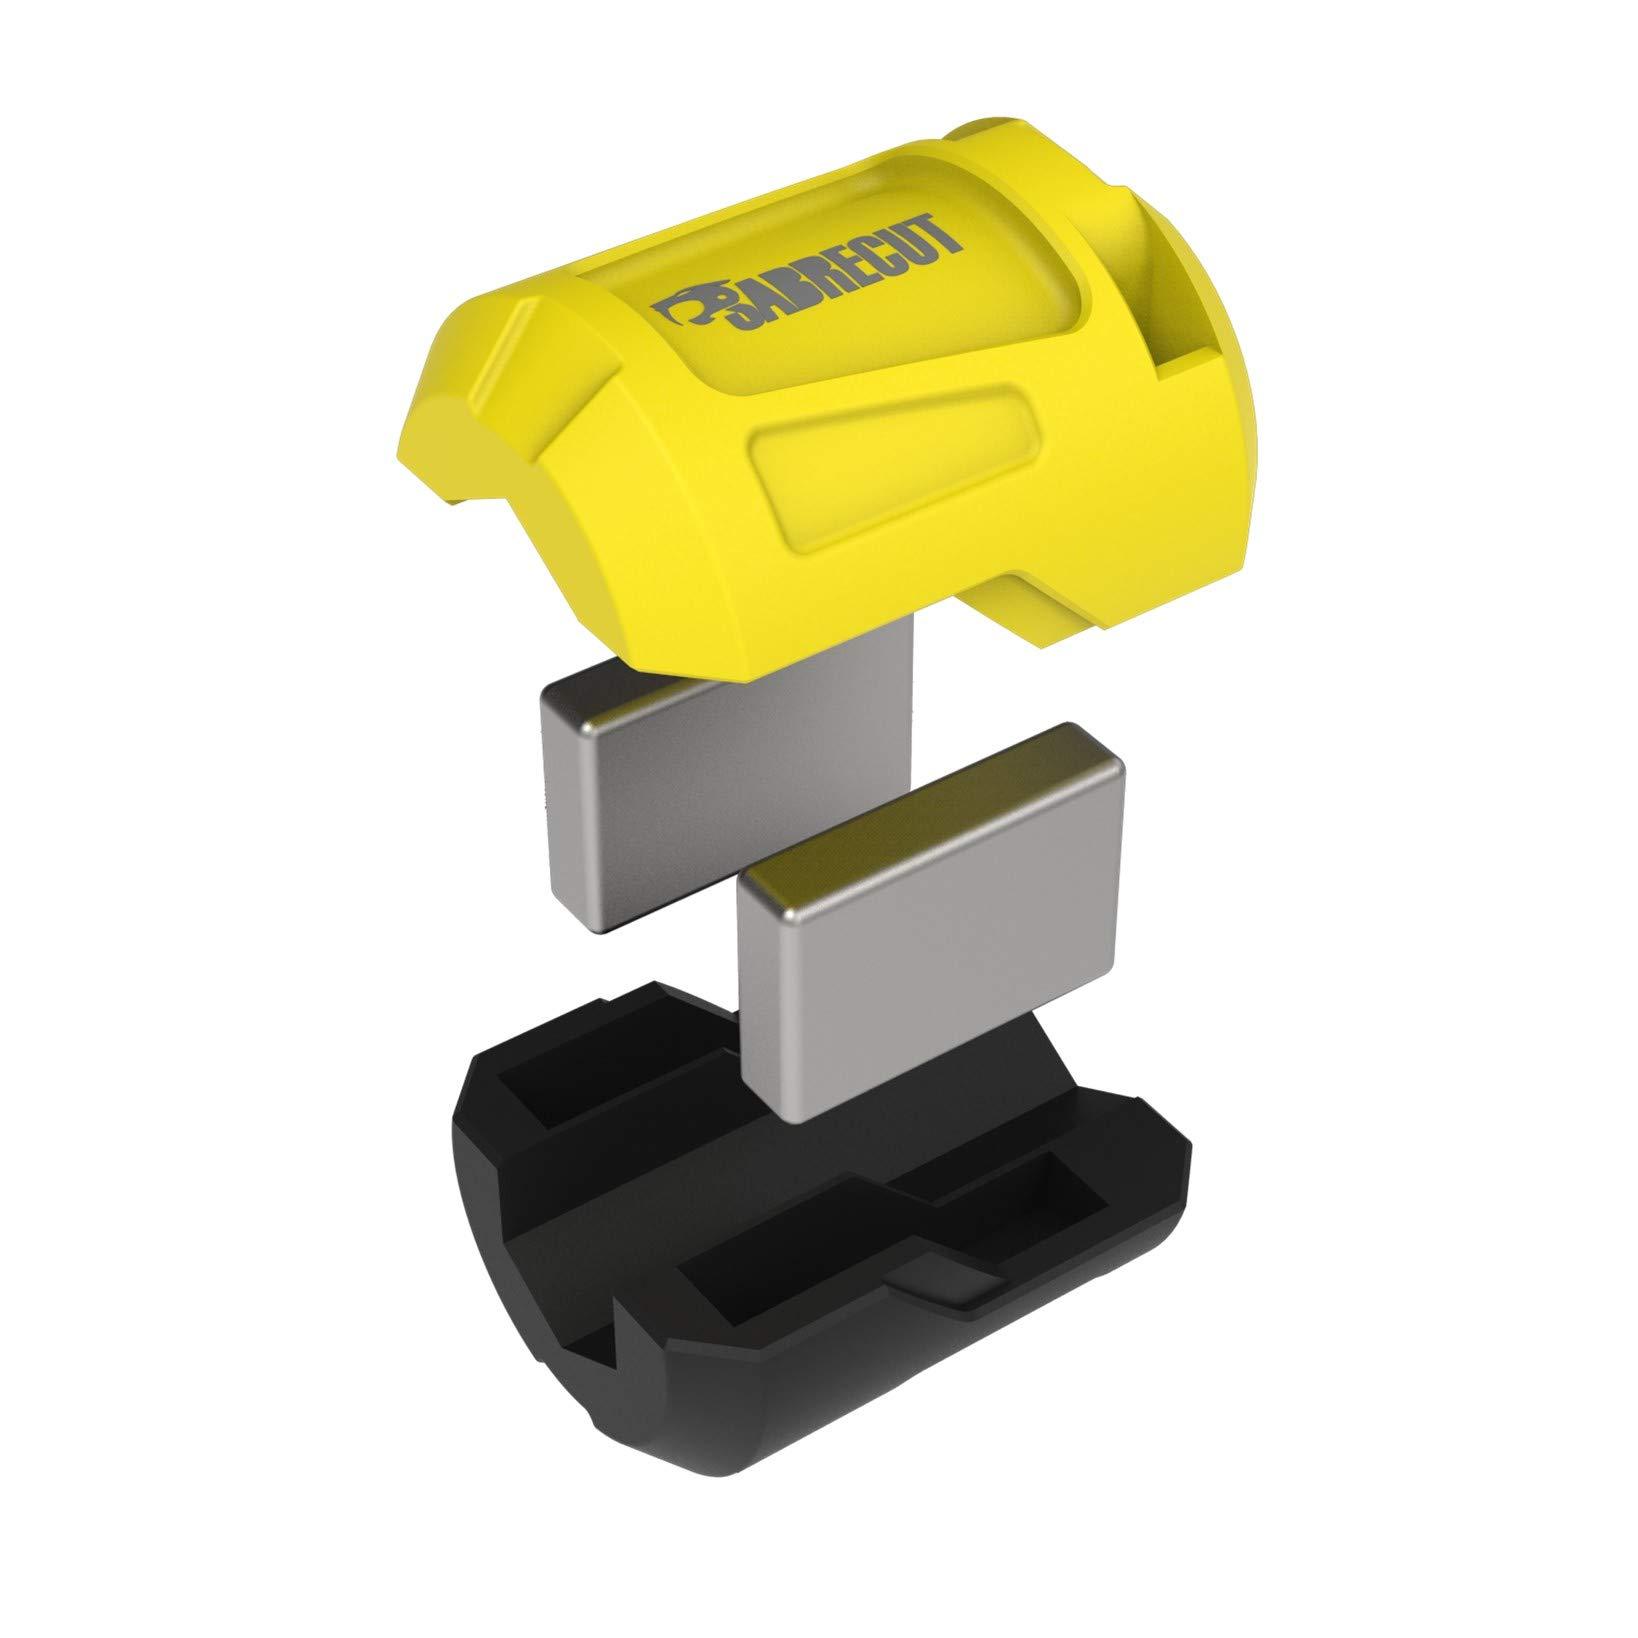 destornilladores y otros accesorios Soporte magn/ético para tornillos de impacto SabreCut SCRMSH/_3 compatible con Dewalt, Bosch, Makita, Irwin, etc.